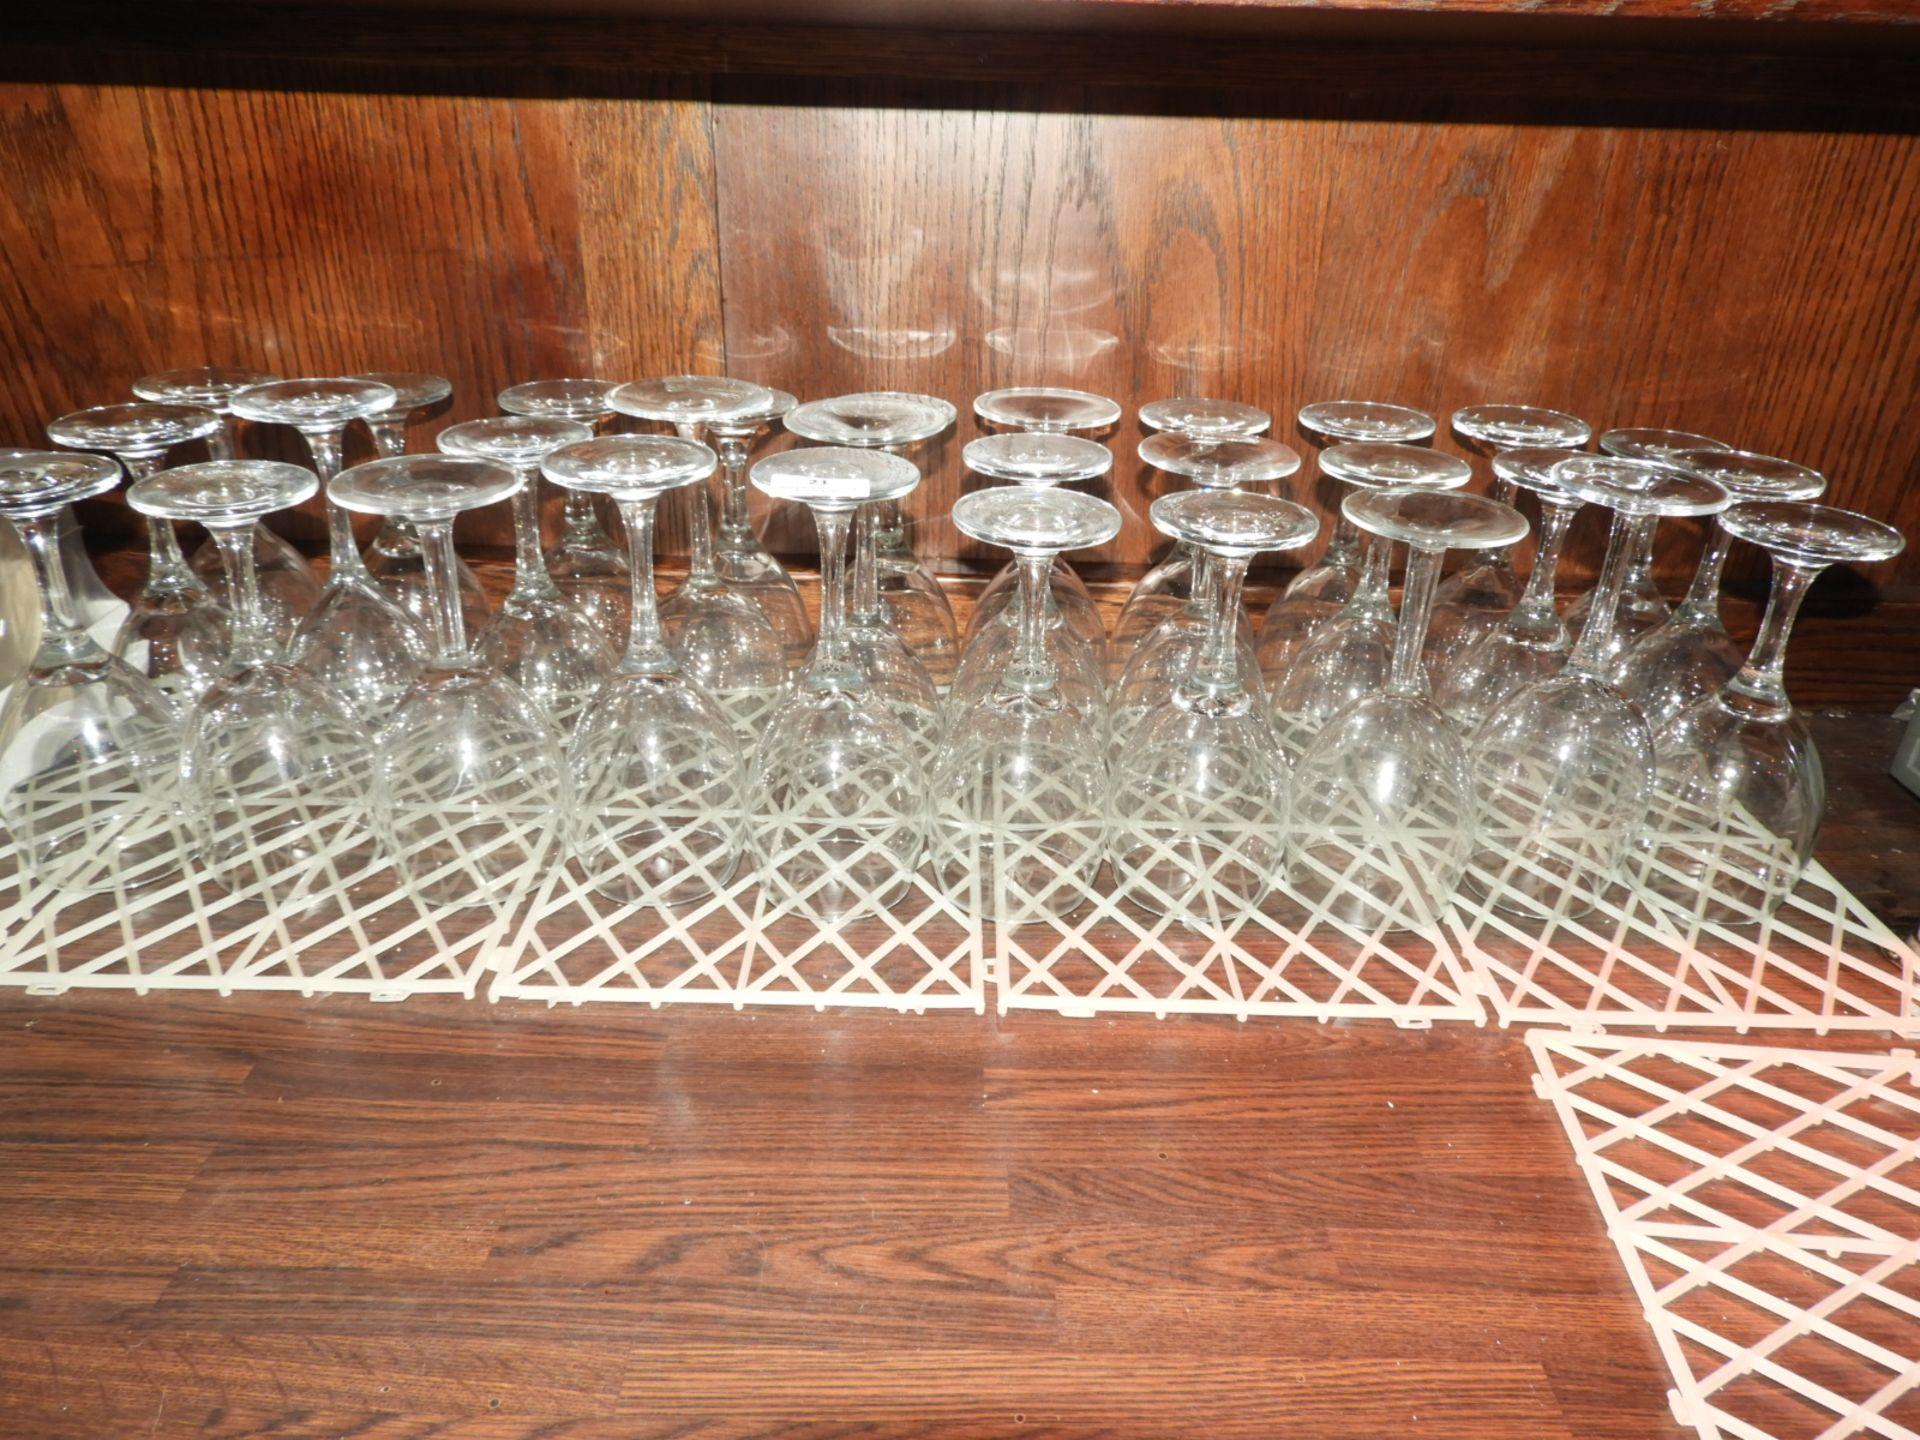 Lot 21 - *30 Wine Glasses